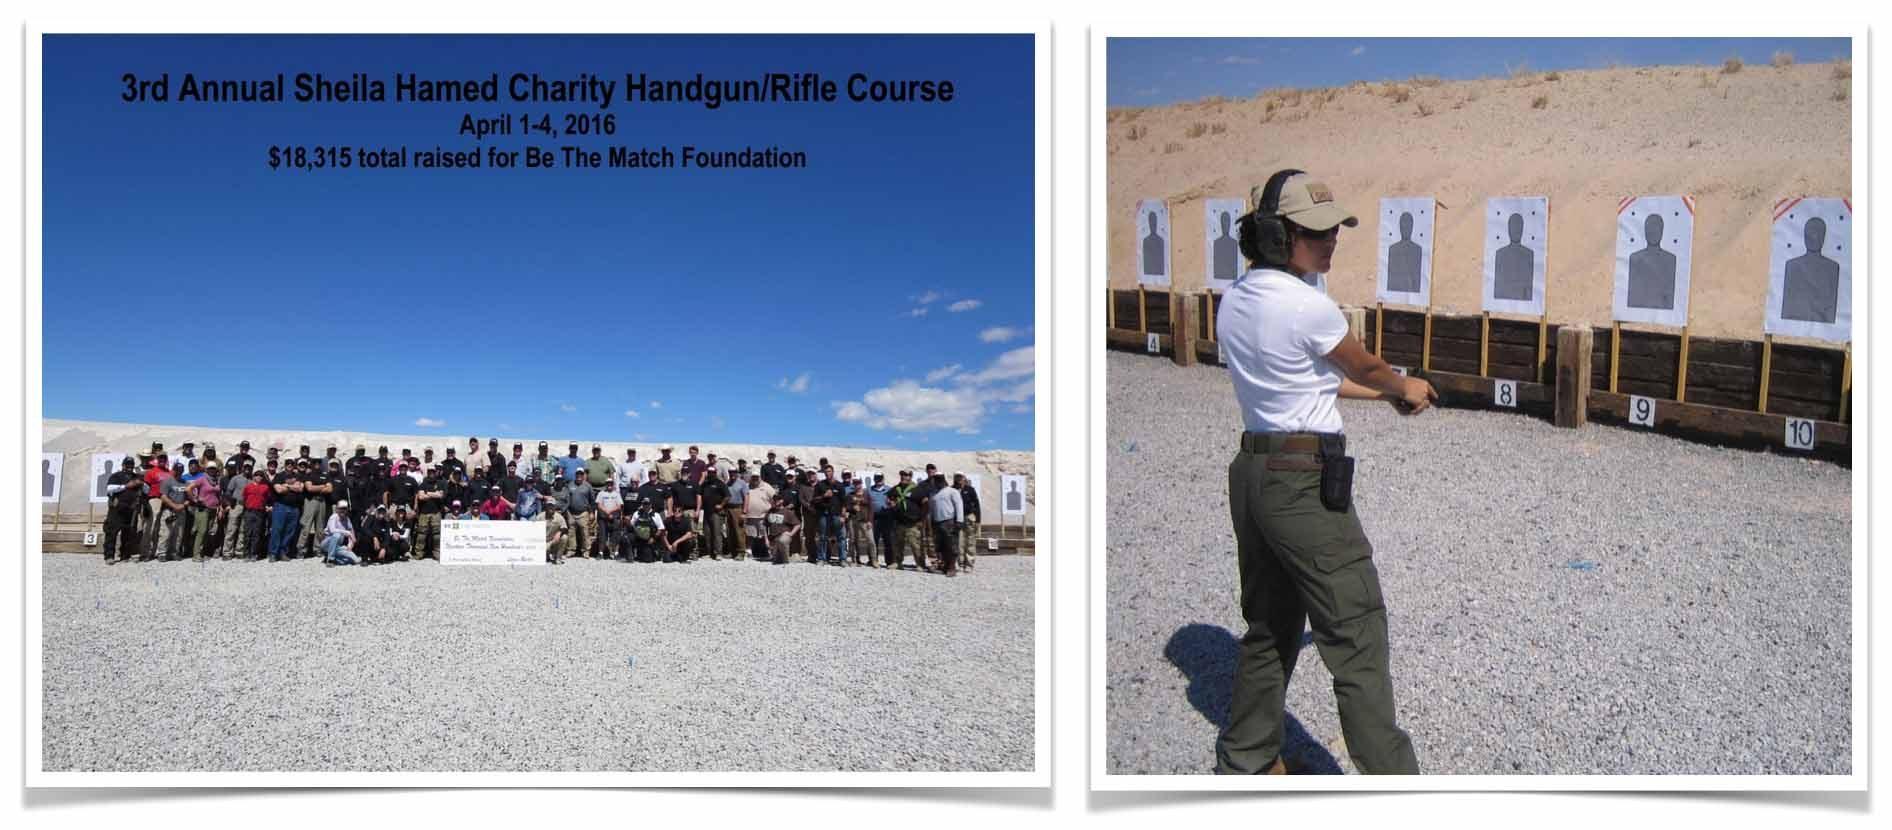 5th Annual Charity Handgun/Rifle Course